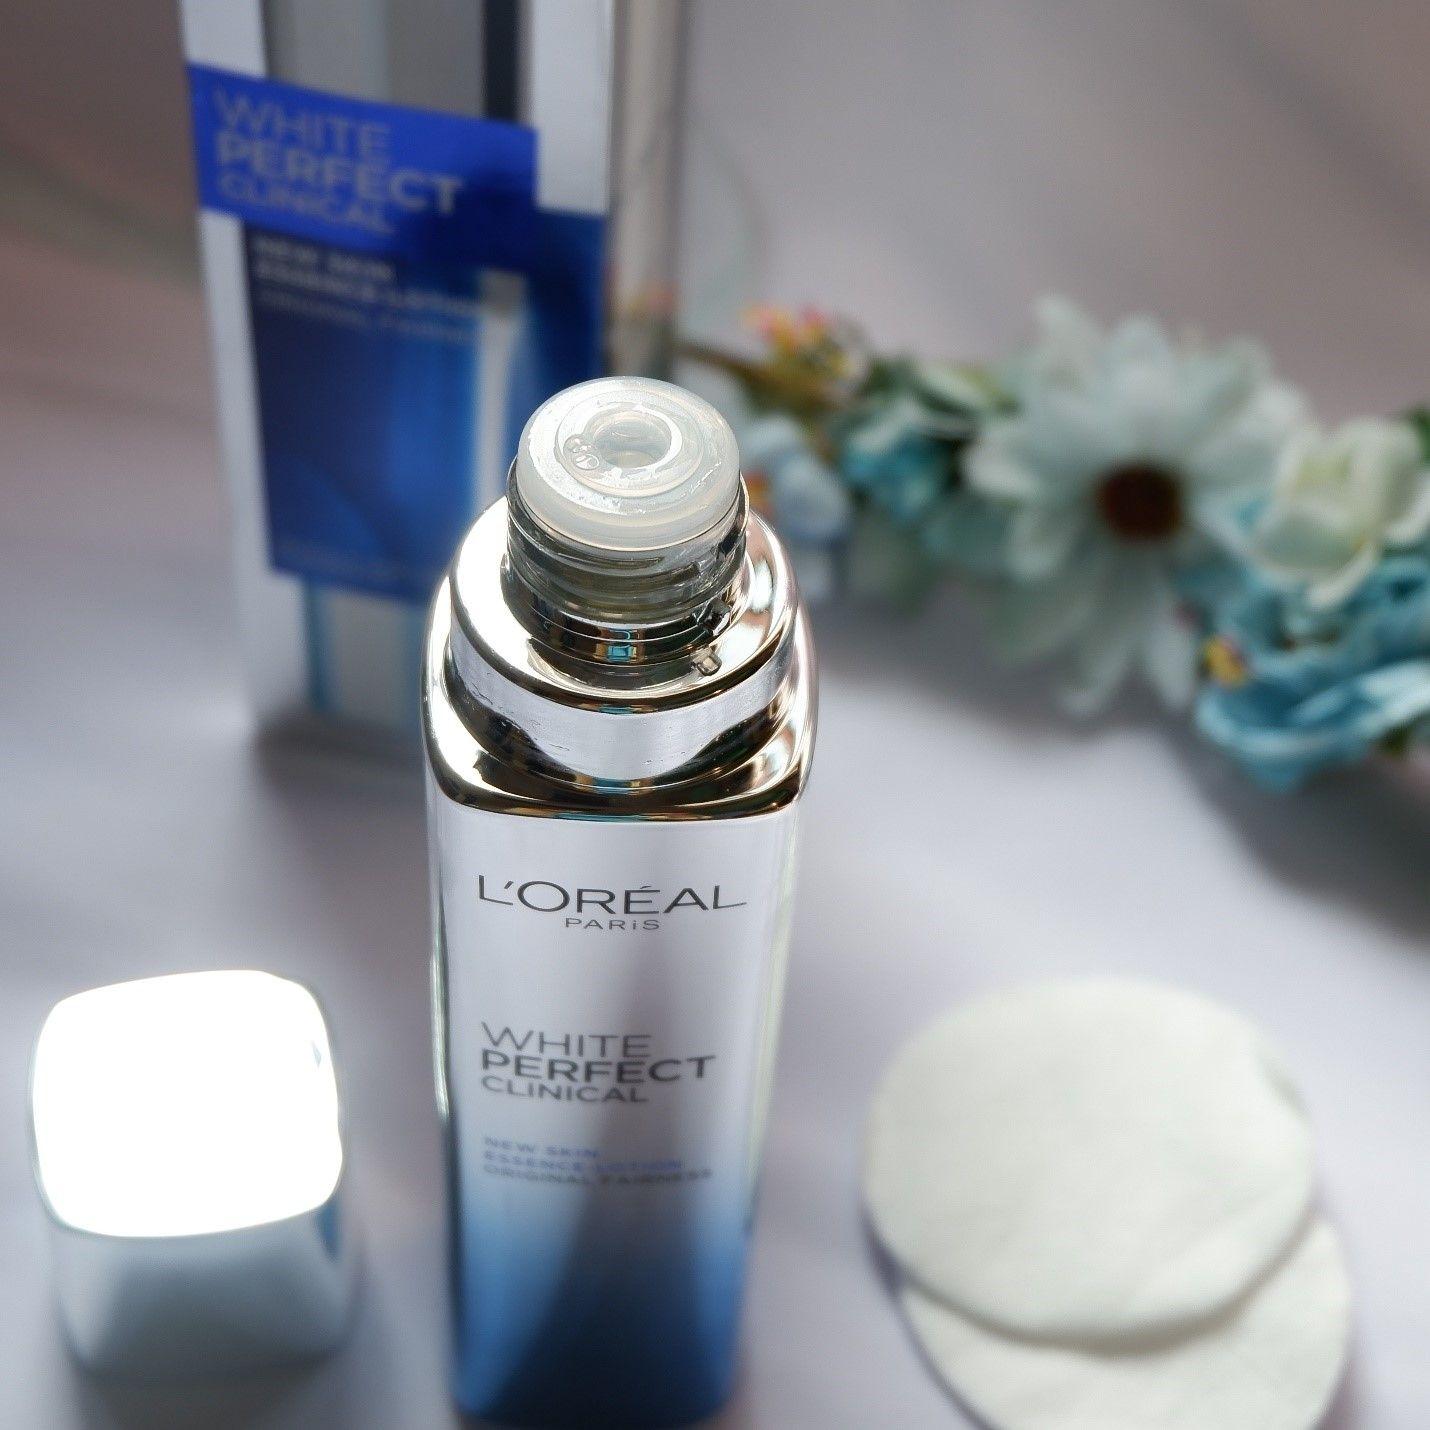 gambar review ke-3 untuk L'oreal Paris White Perfect Clinical Essence Lotion